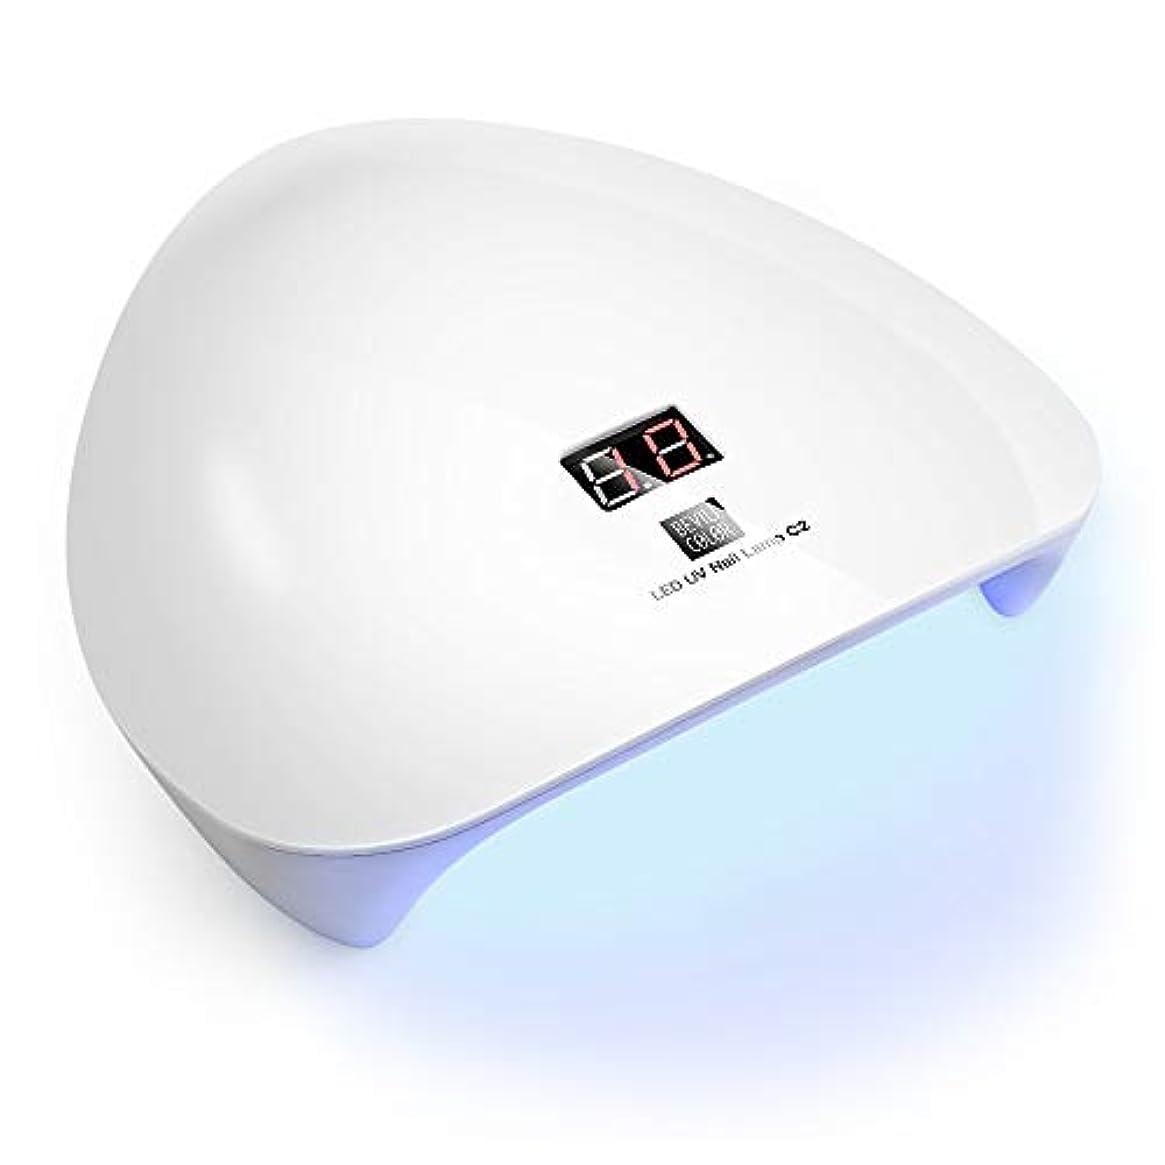 飛ぶもしコメントWEVILI ネイル硬化用ライト UVライト LEDライト UVライトネイルドライヤー マニキュア用 LED ネイルドライヤー タイマー機能 自動センサー機能 レジン 便利 (45W 硬化用UVライト)